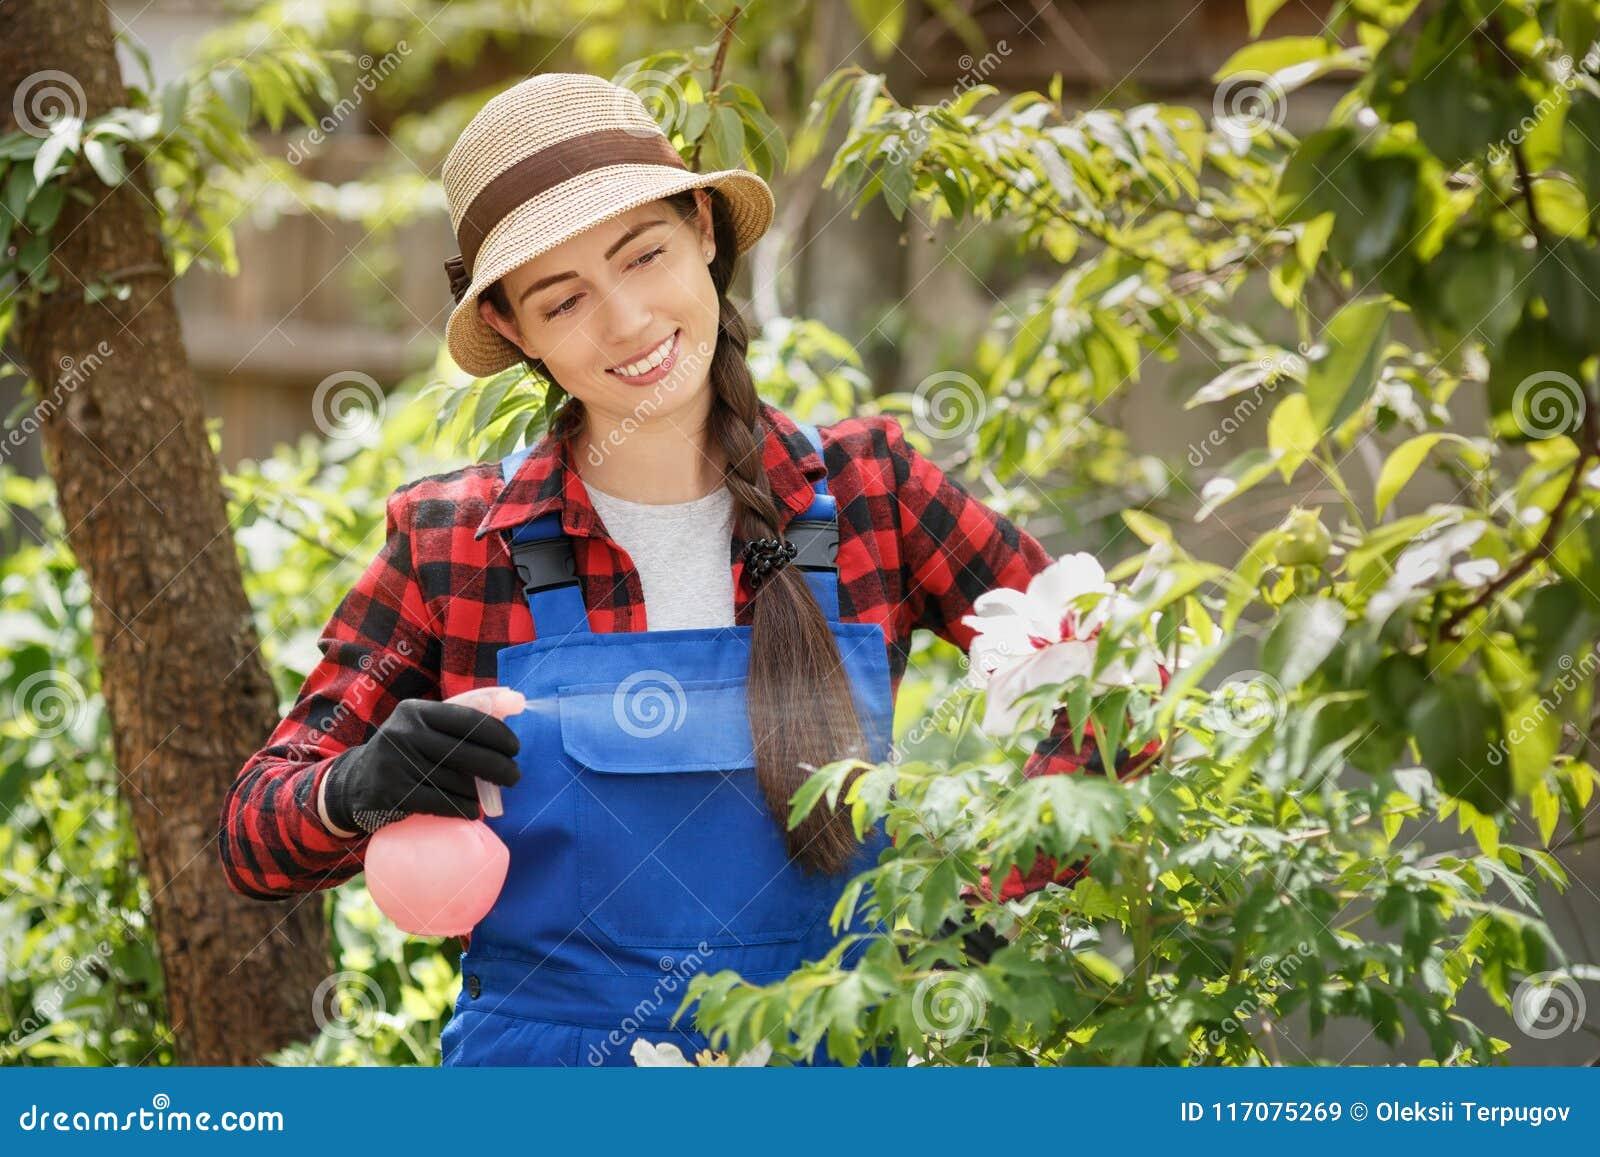 Ogrodniczki opryskiwania woda na kwiatach lub pestycyd